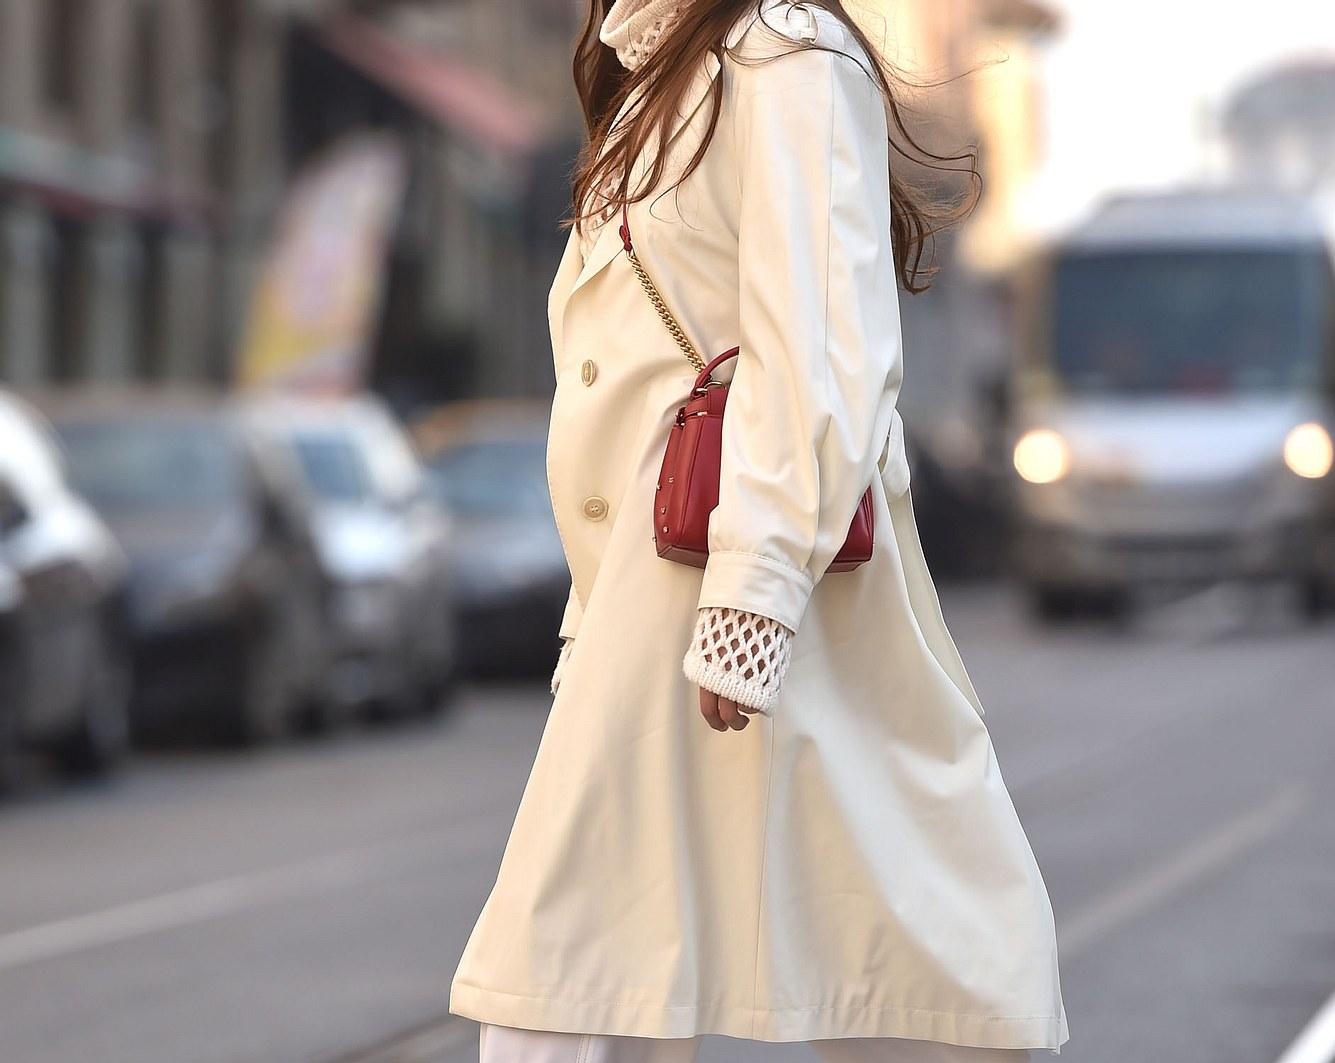 Übergangsjacke an einer Frau auf der Straße